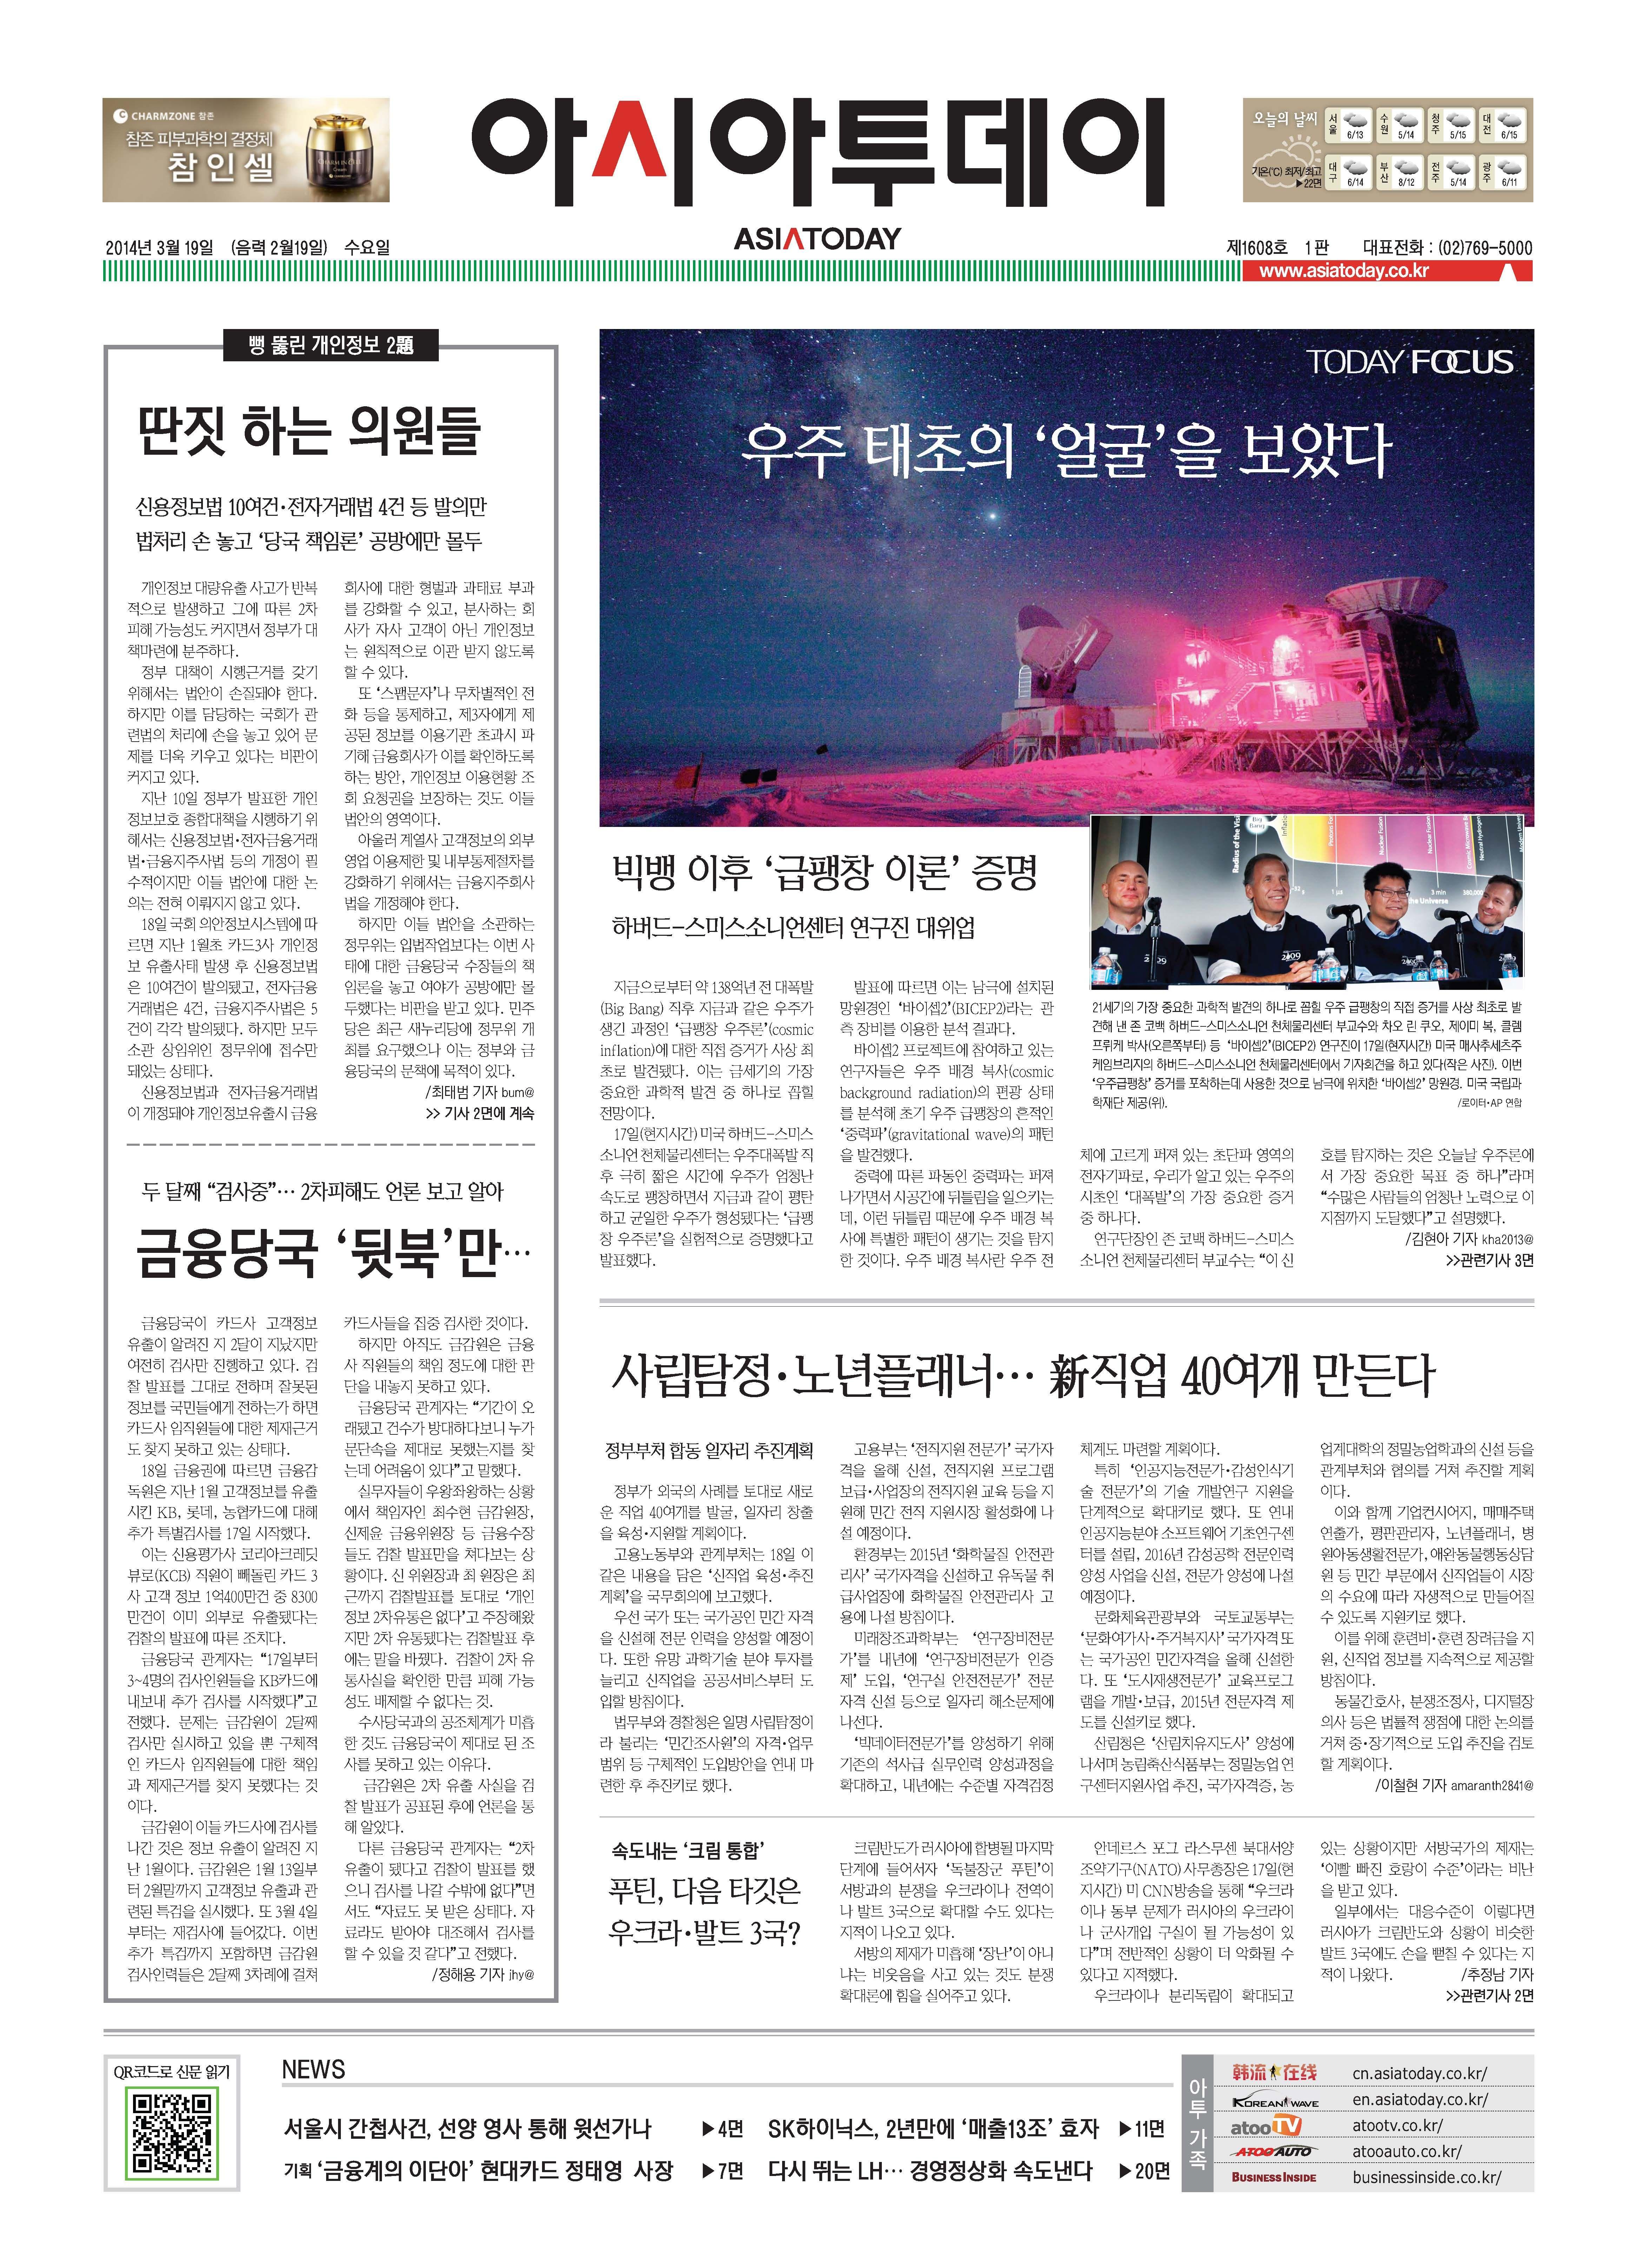 아시아투데이 ASIATODAY 1면. 20140319(수)